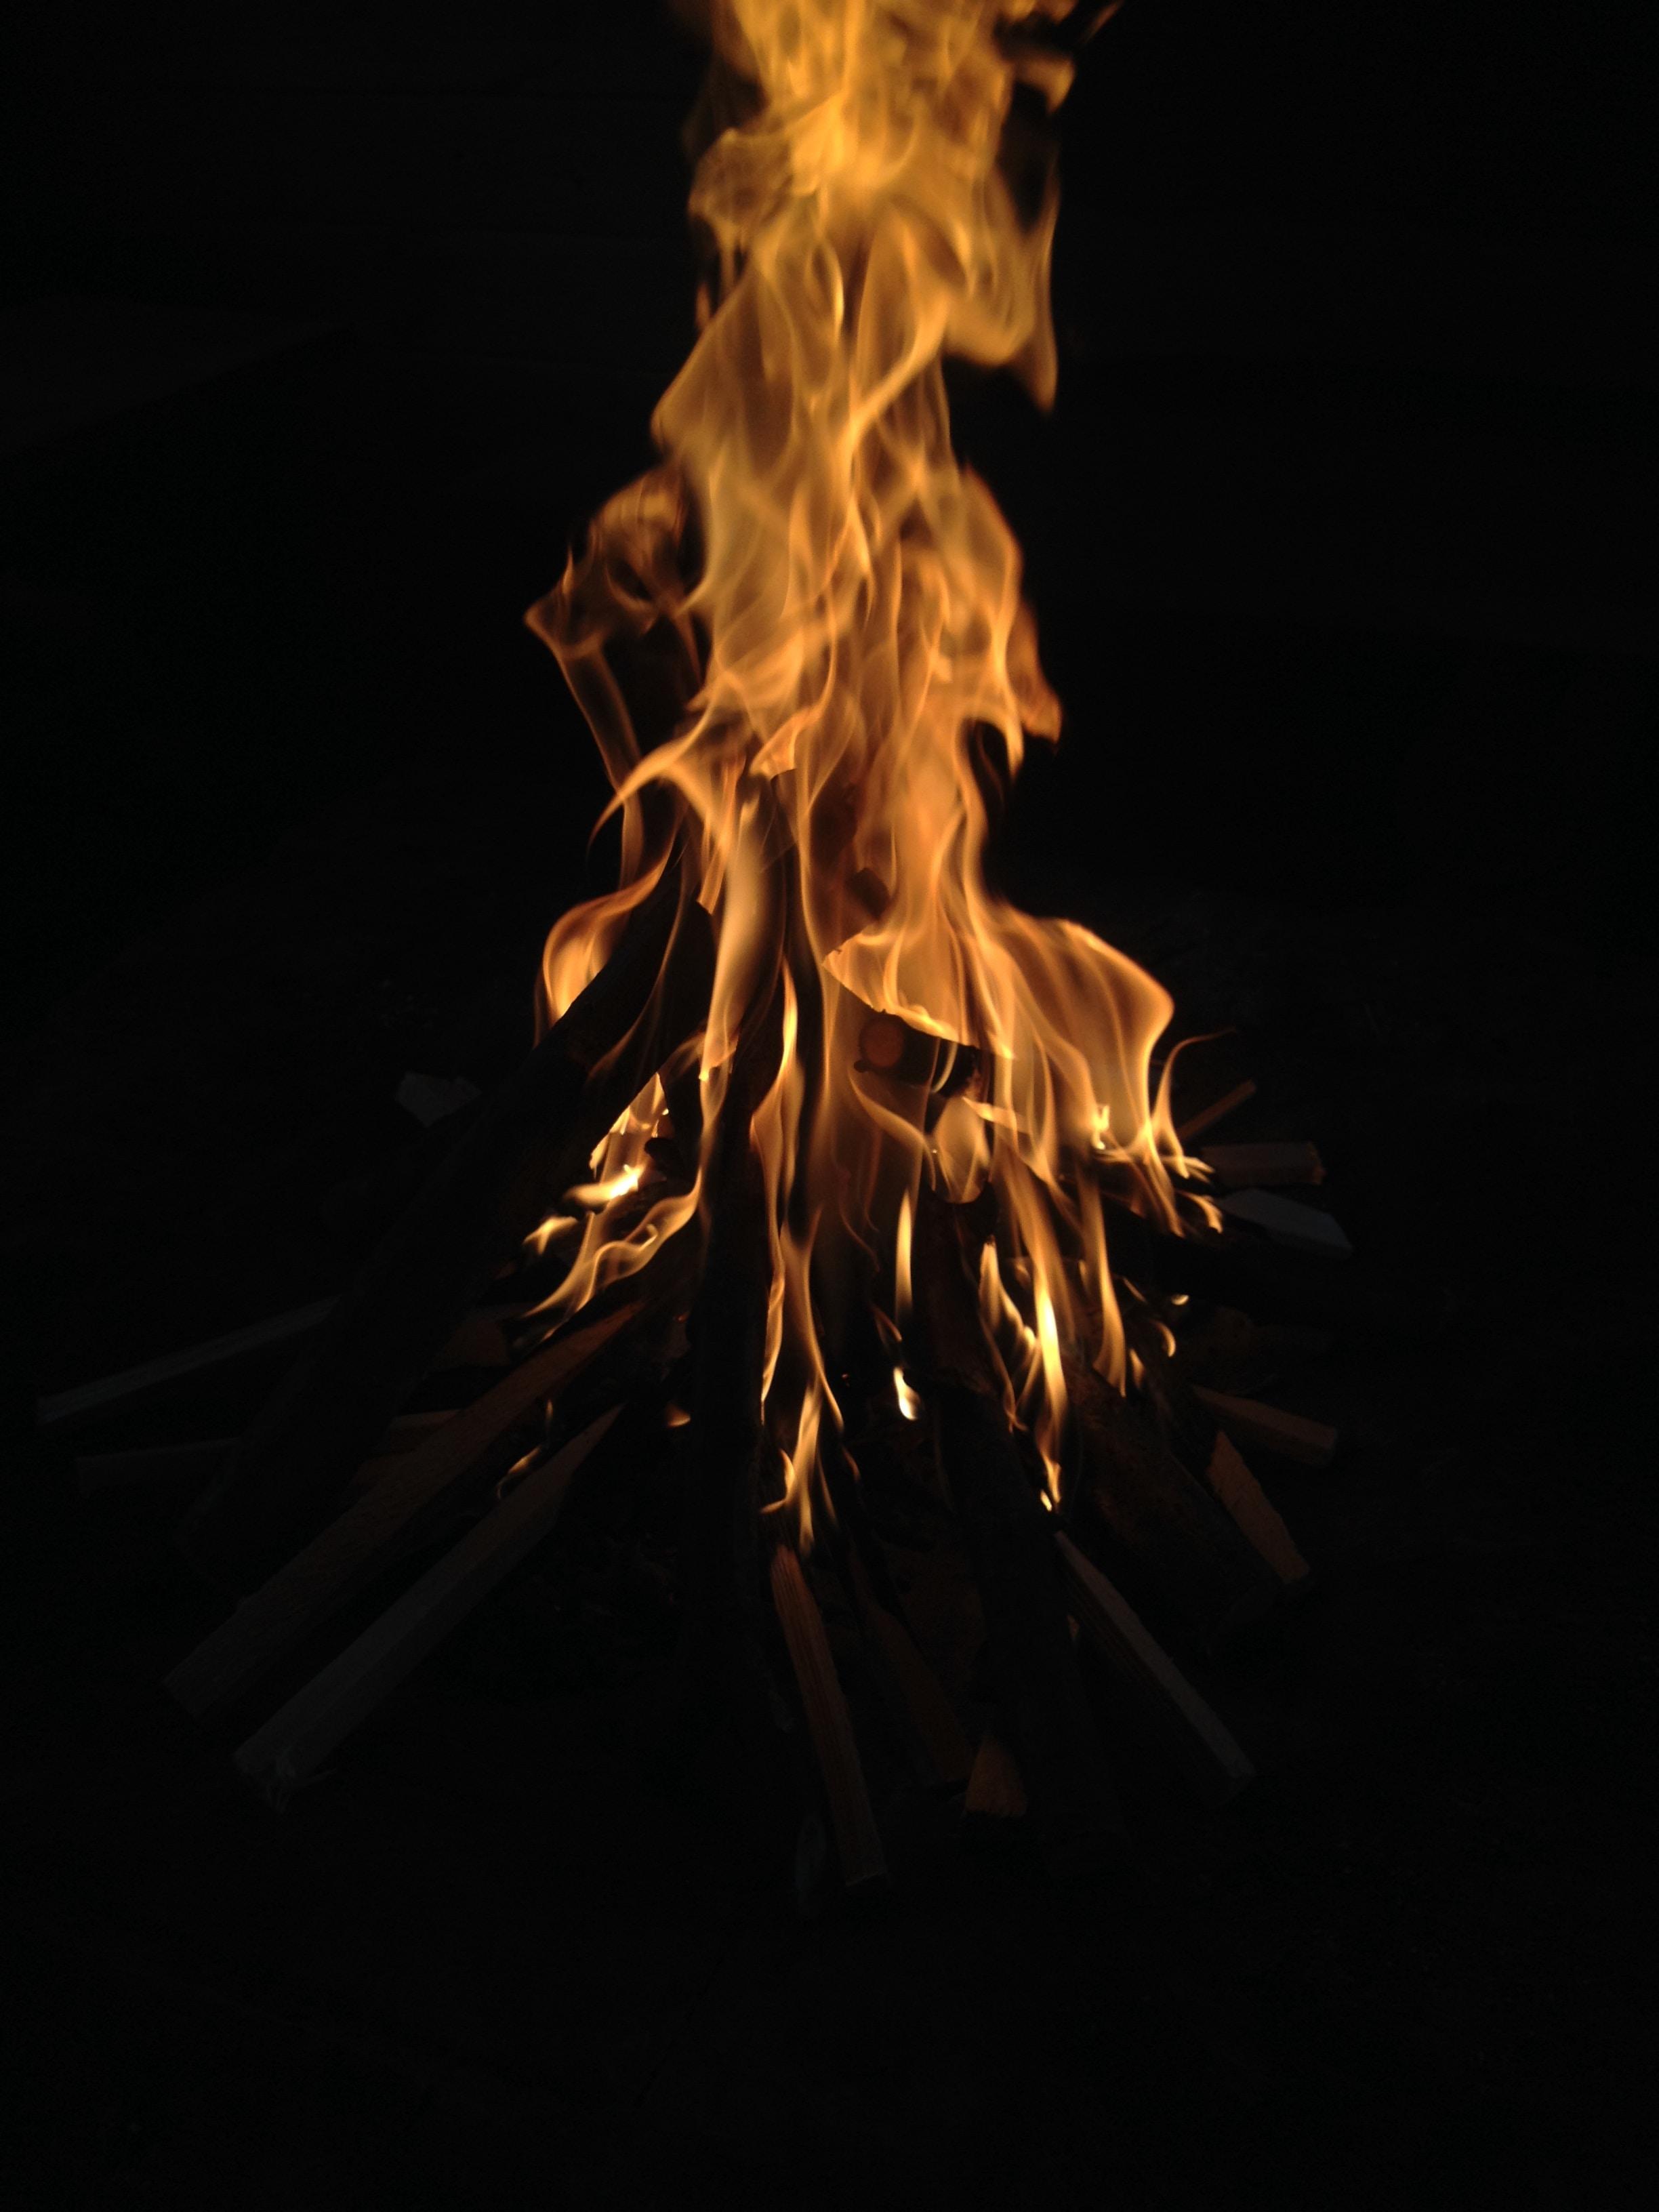 bonfire in dark place